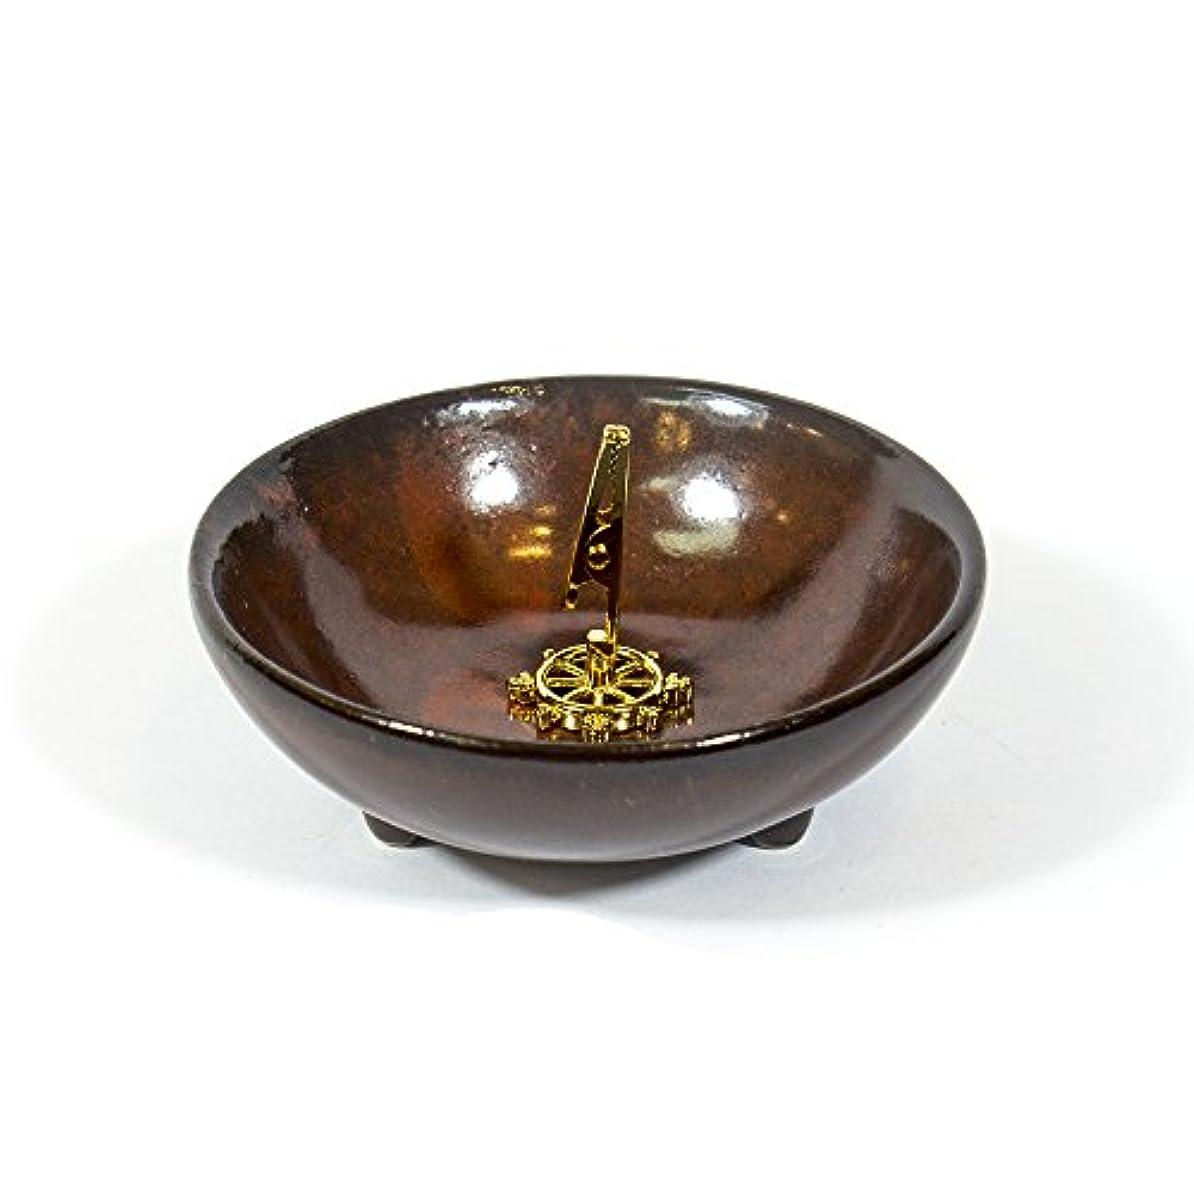 買い物に行く待って建設(DarkRed) - Incense Holder for Coils Sticks Cones Ceramic Holder Dark Red Type